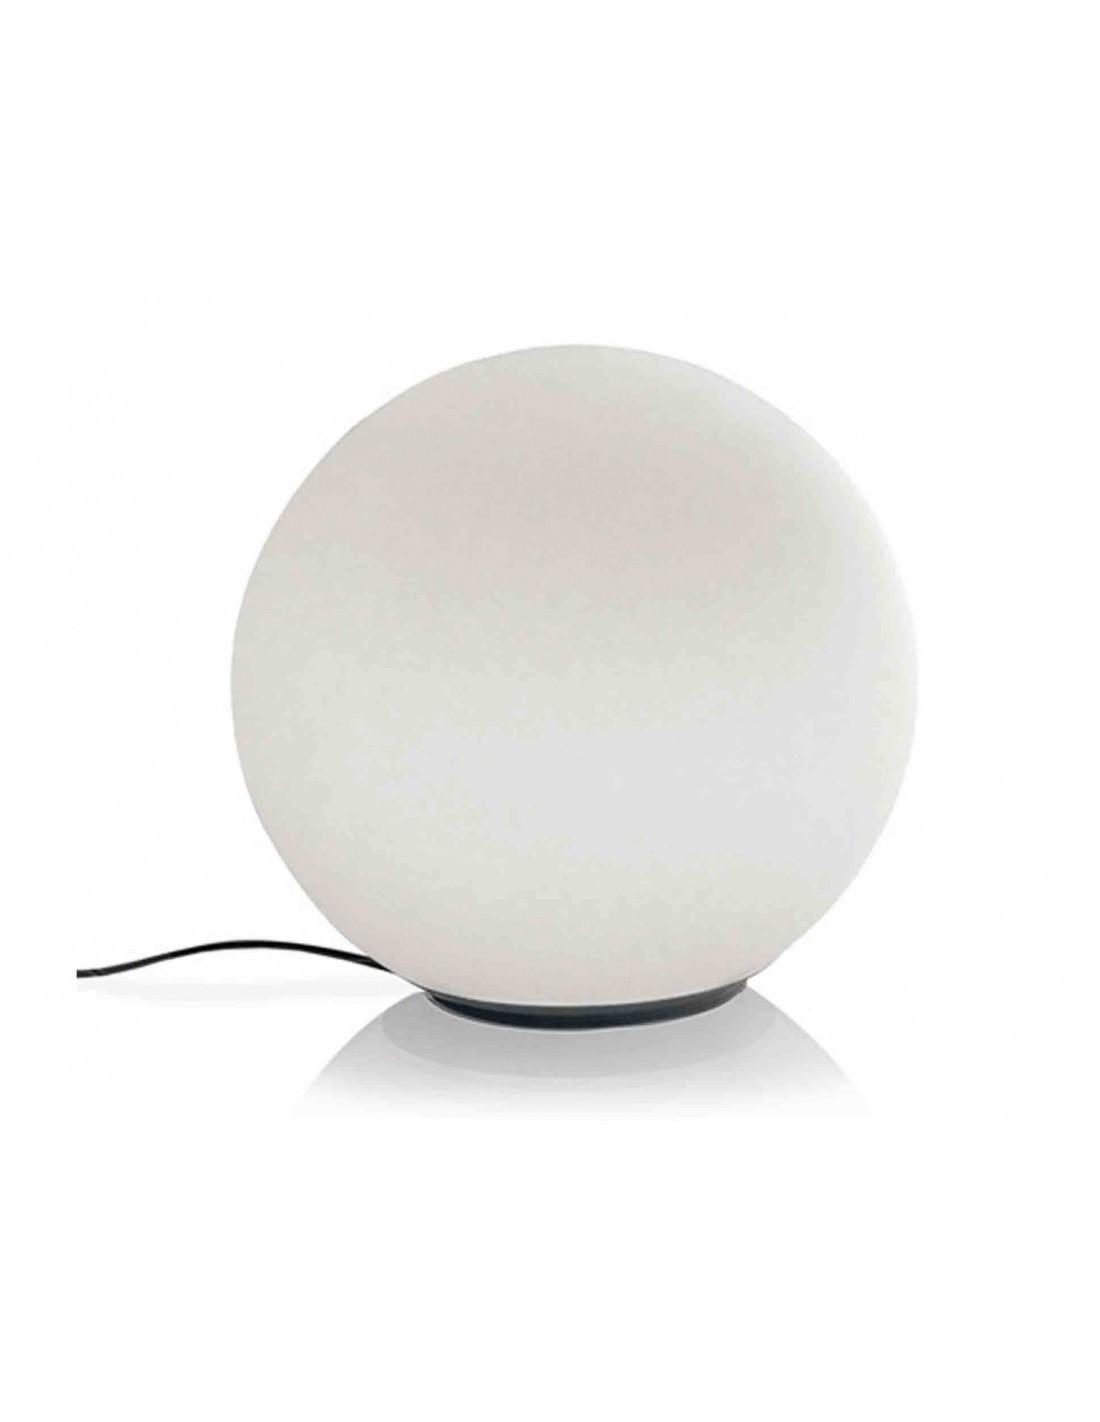 lampe dioscuri 25 artemide lampe à poser